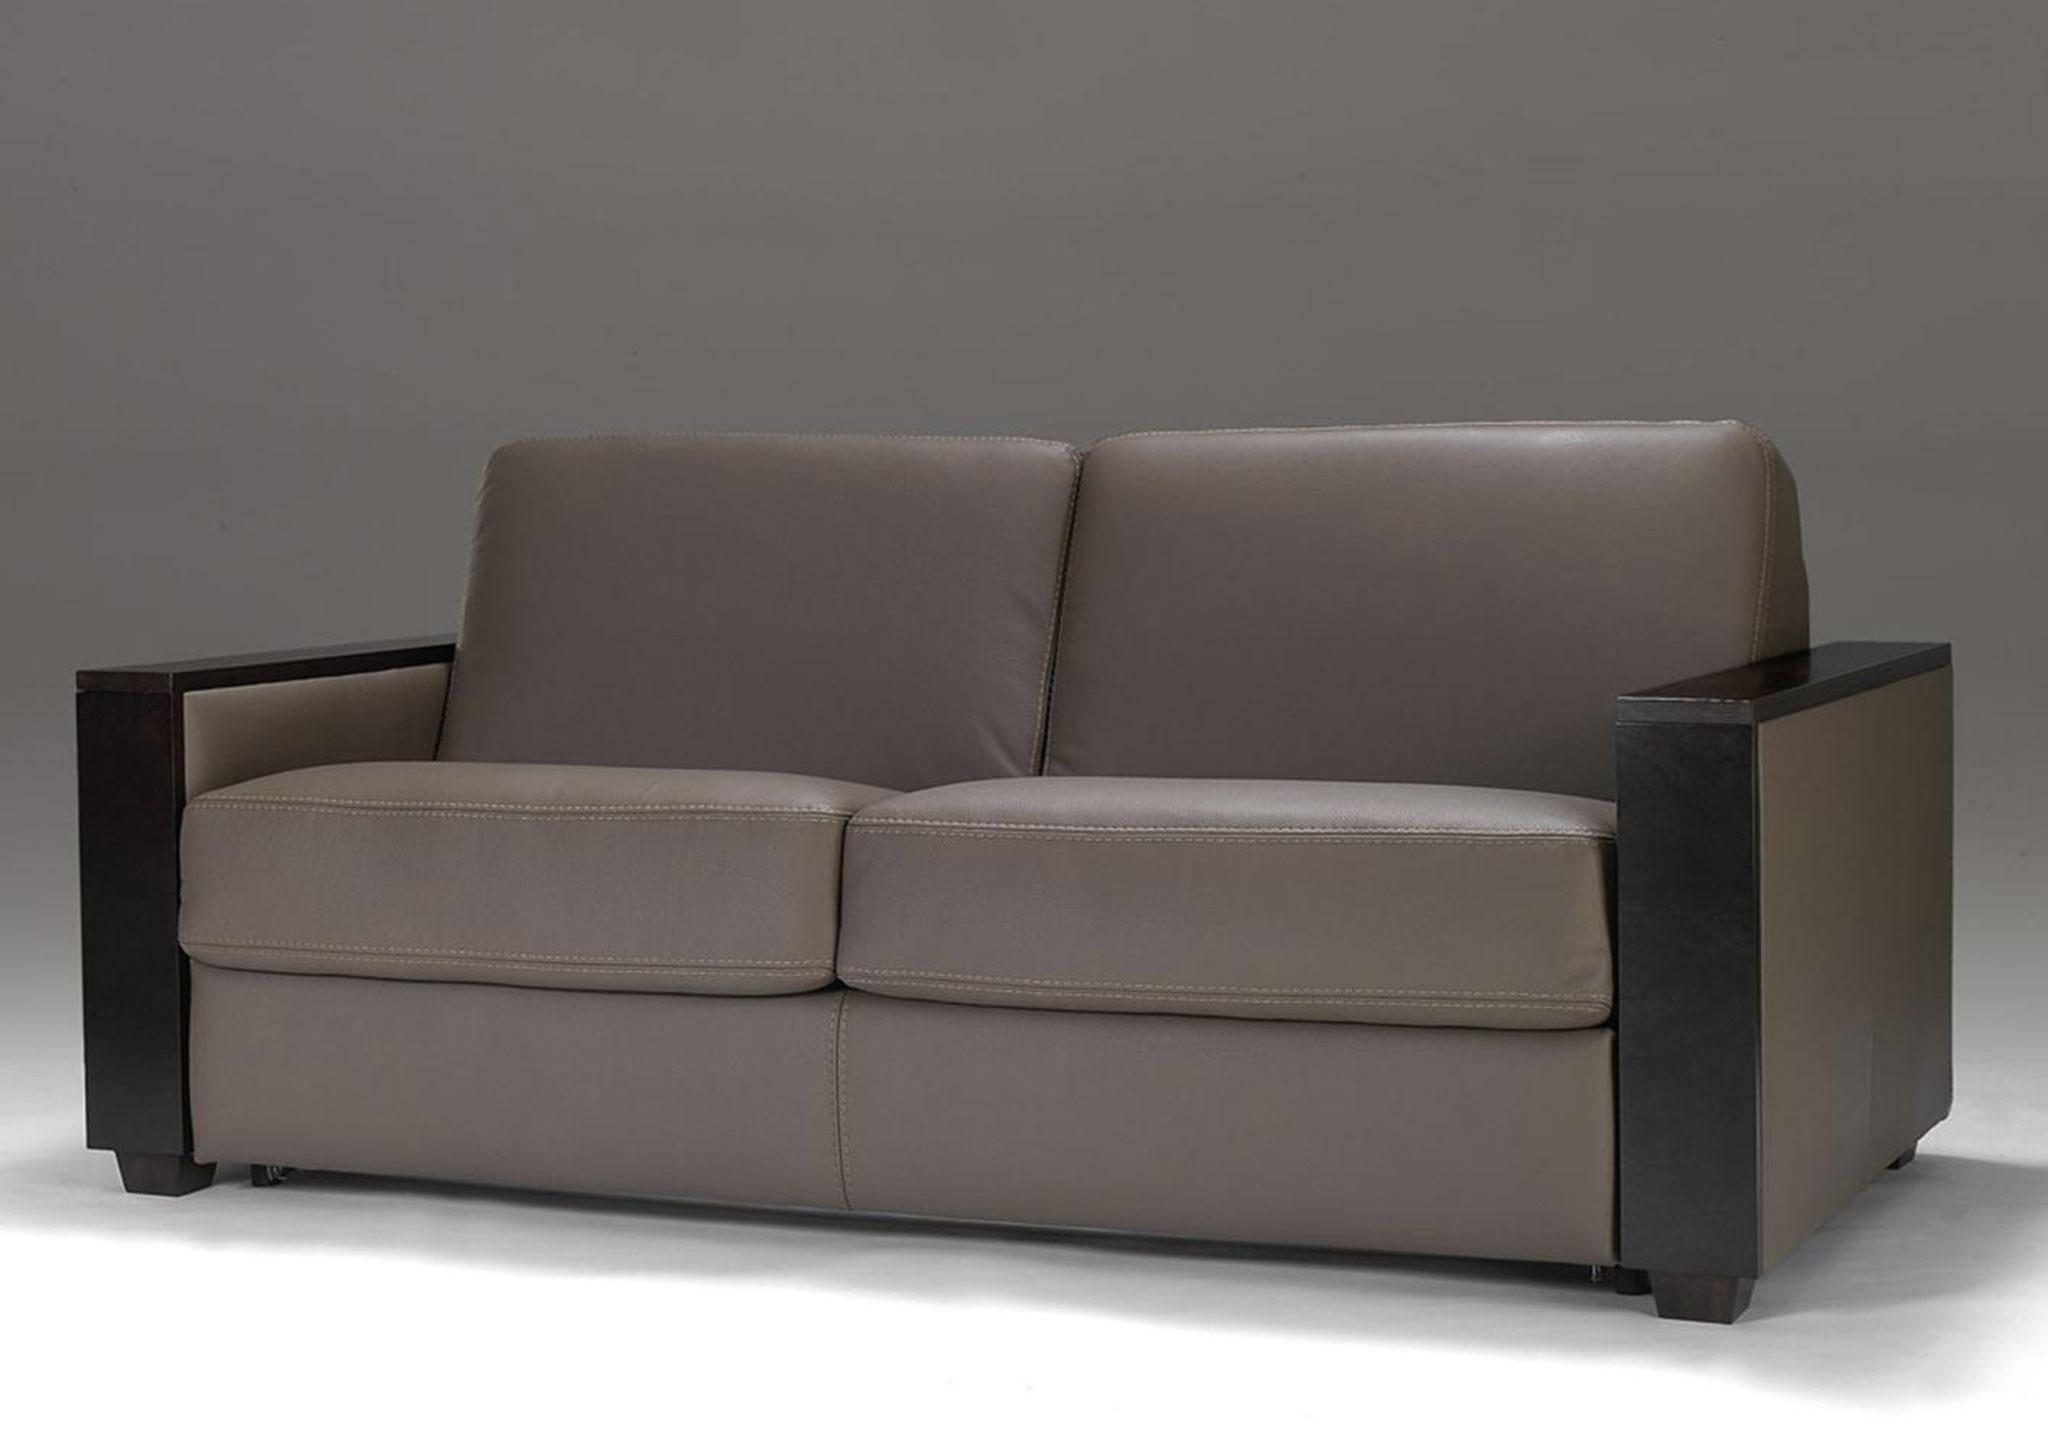 Ikea Lit Canape Convertible Novocom Top